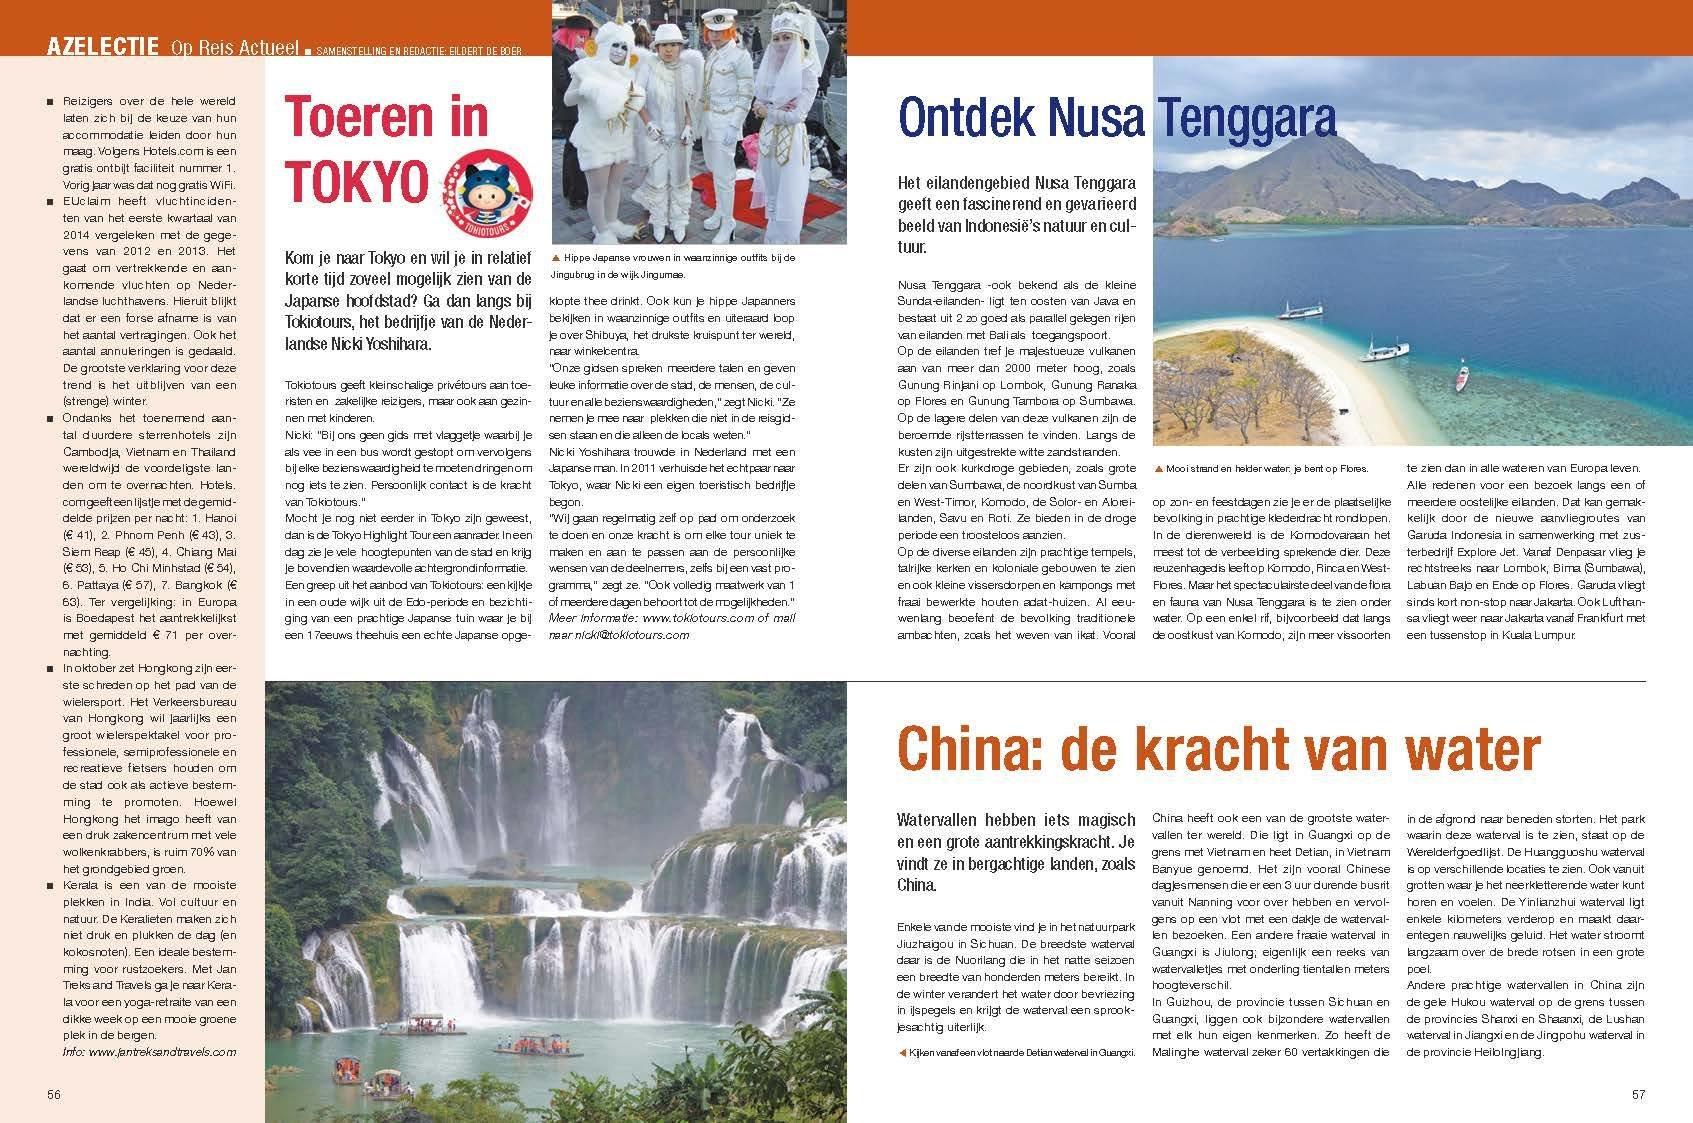 toeren-in-tokyo-artikel